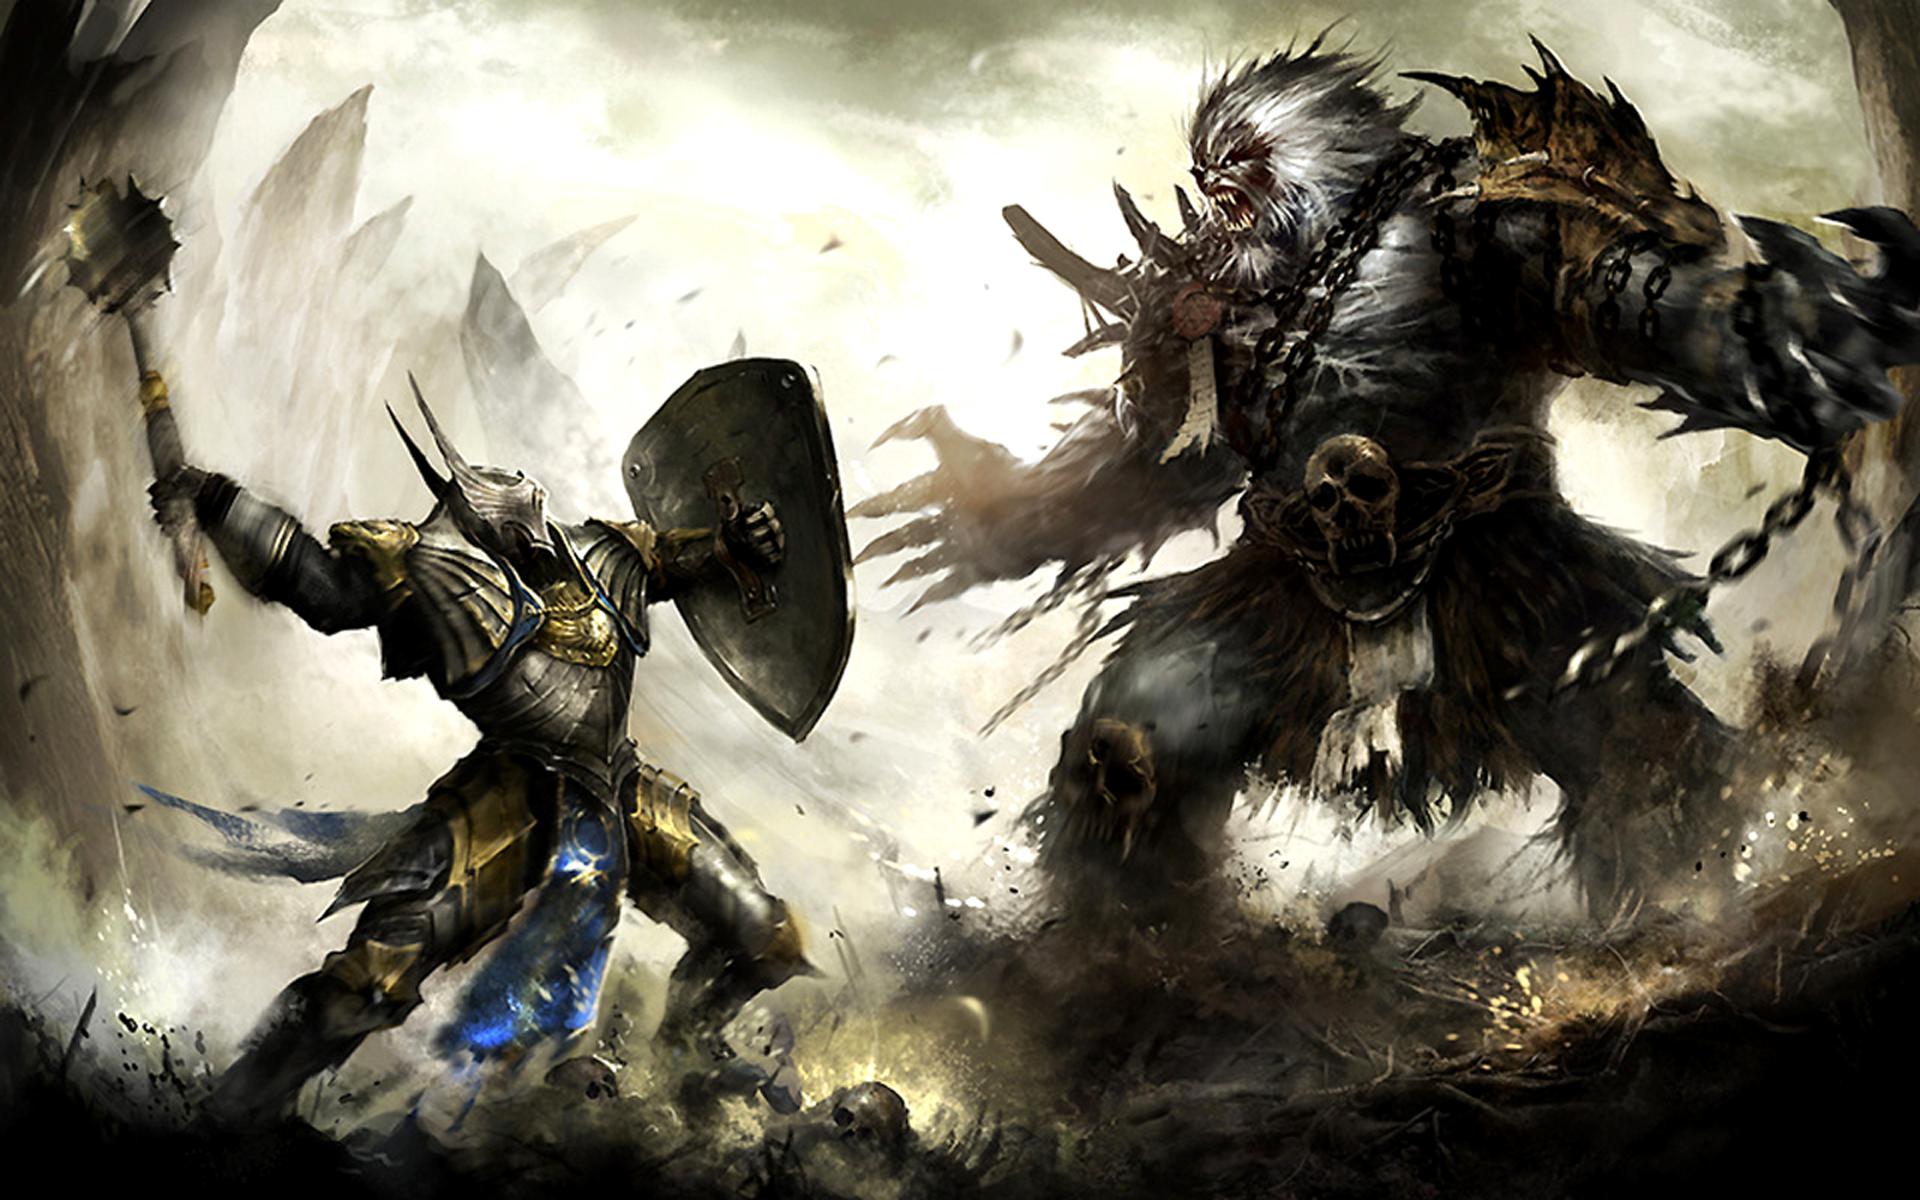 Fantasy Knight wallpaper 117443 1920x1200